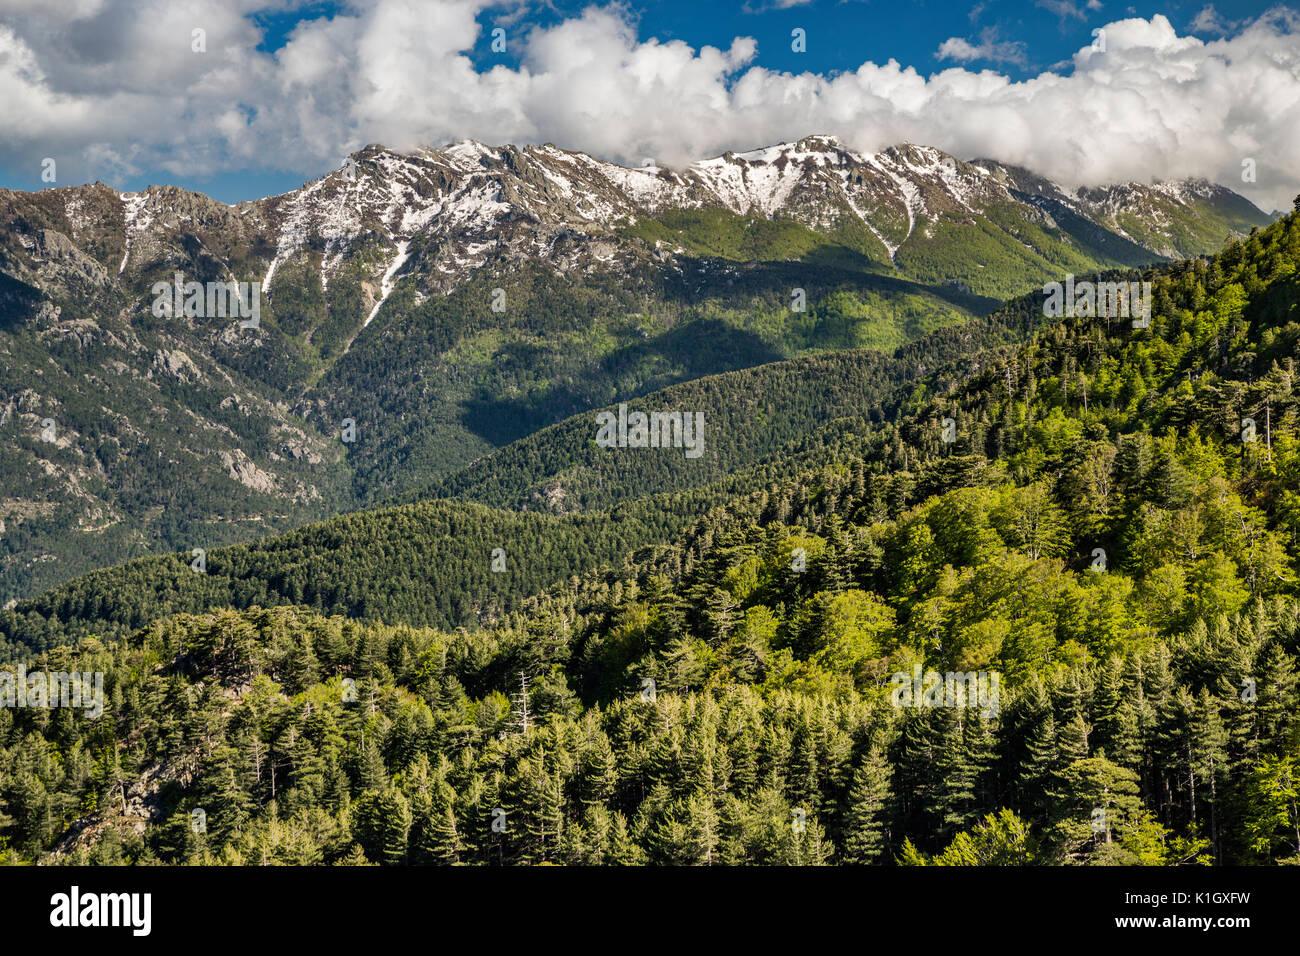 Punta Cappella massiv, Ansicht von GR20 Wanderweg in der Nähe von capannelle Berghütte, Korsika, Frankreich Stockbild